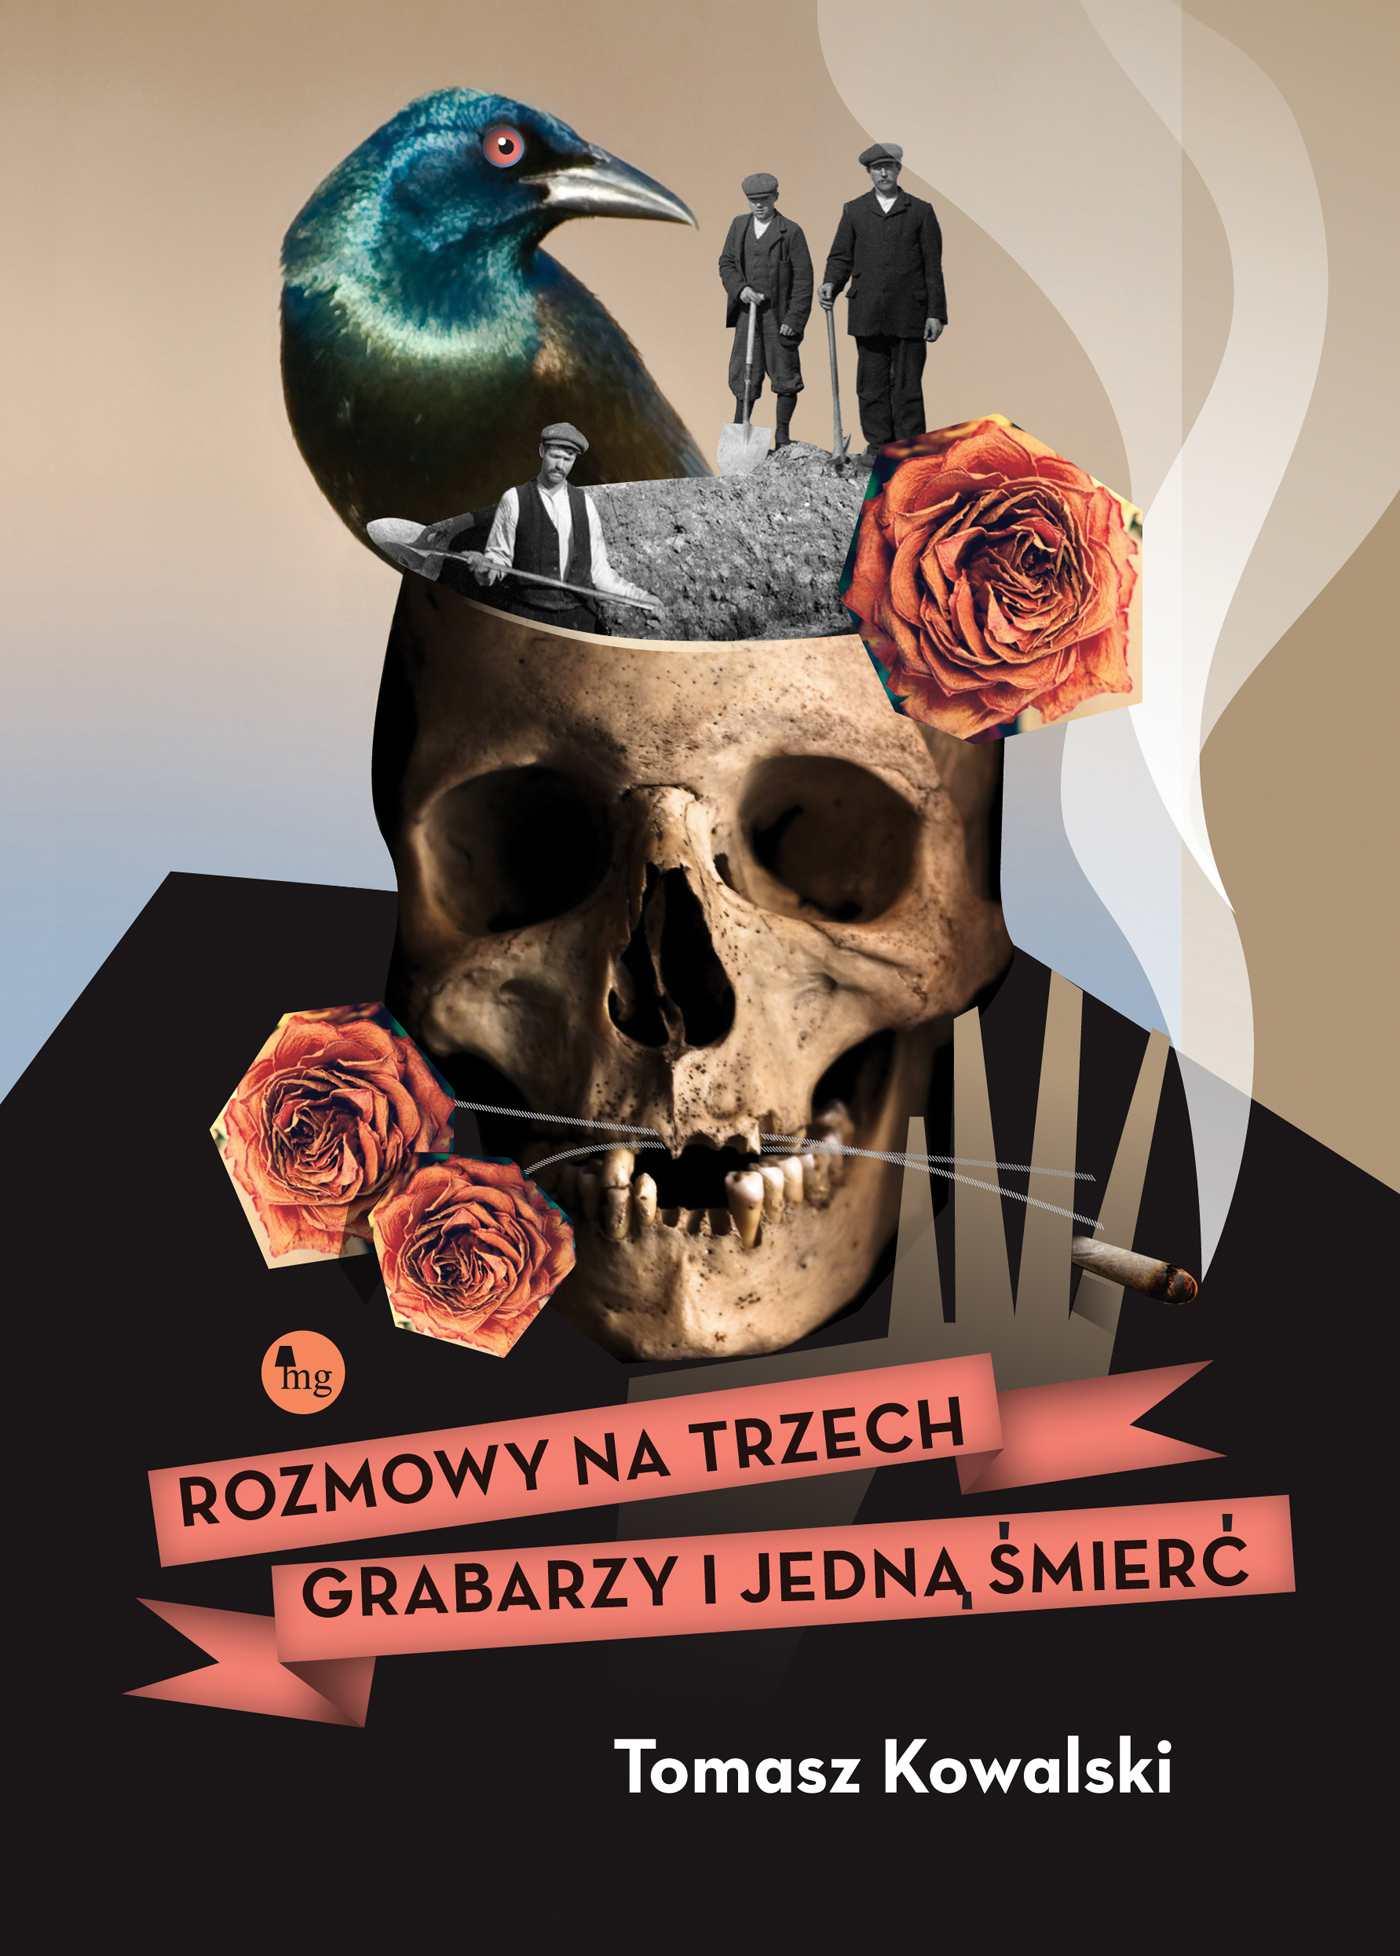 Rozmowy na trzech grabarzy i jedną śmierć - Ebook (Książka na Kindle) do pobrania w formacie MOBI